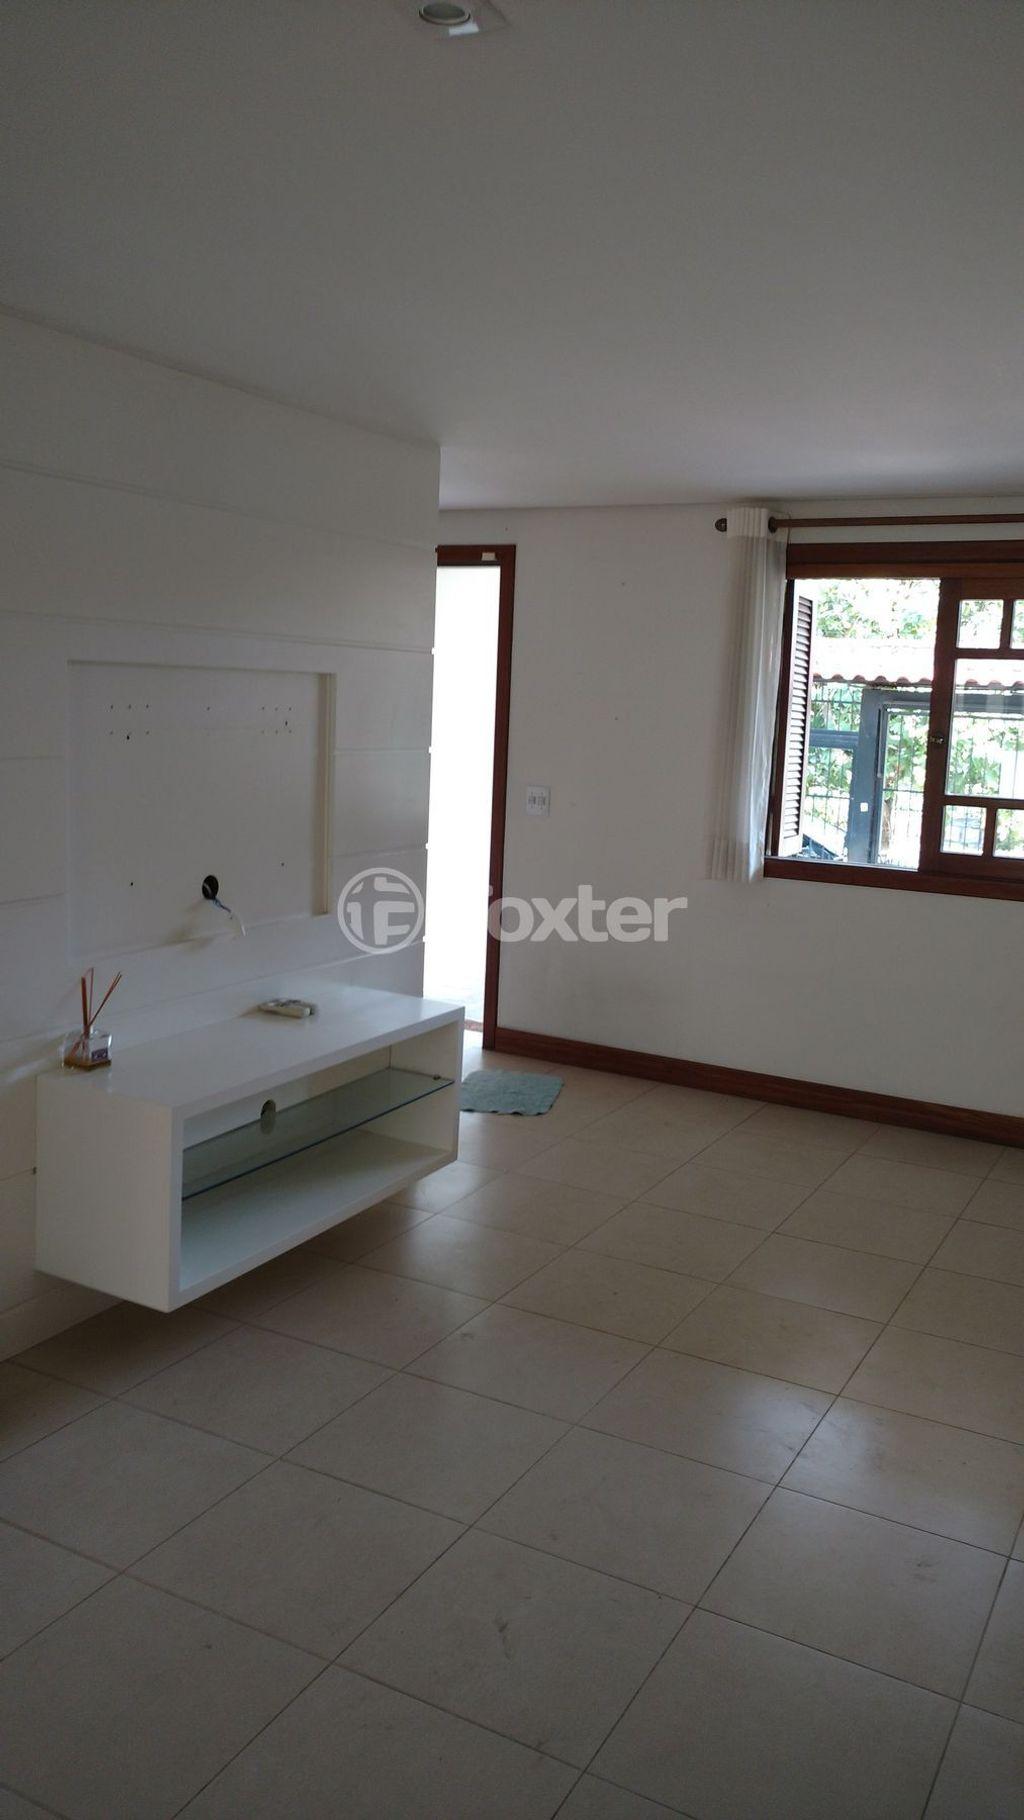 Casa 3 Dorm, Ipanema, Porto Alegre (141274) - Foto 7